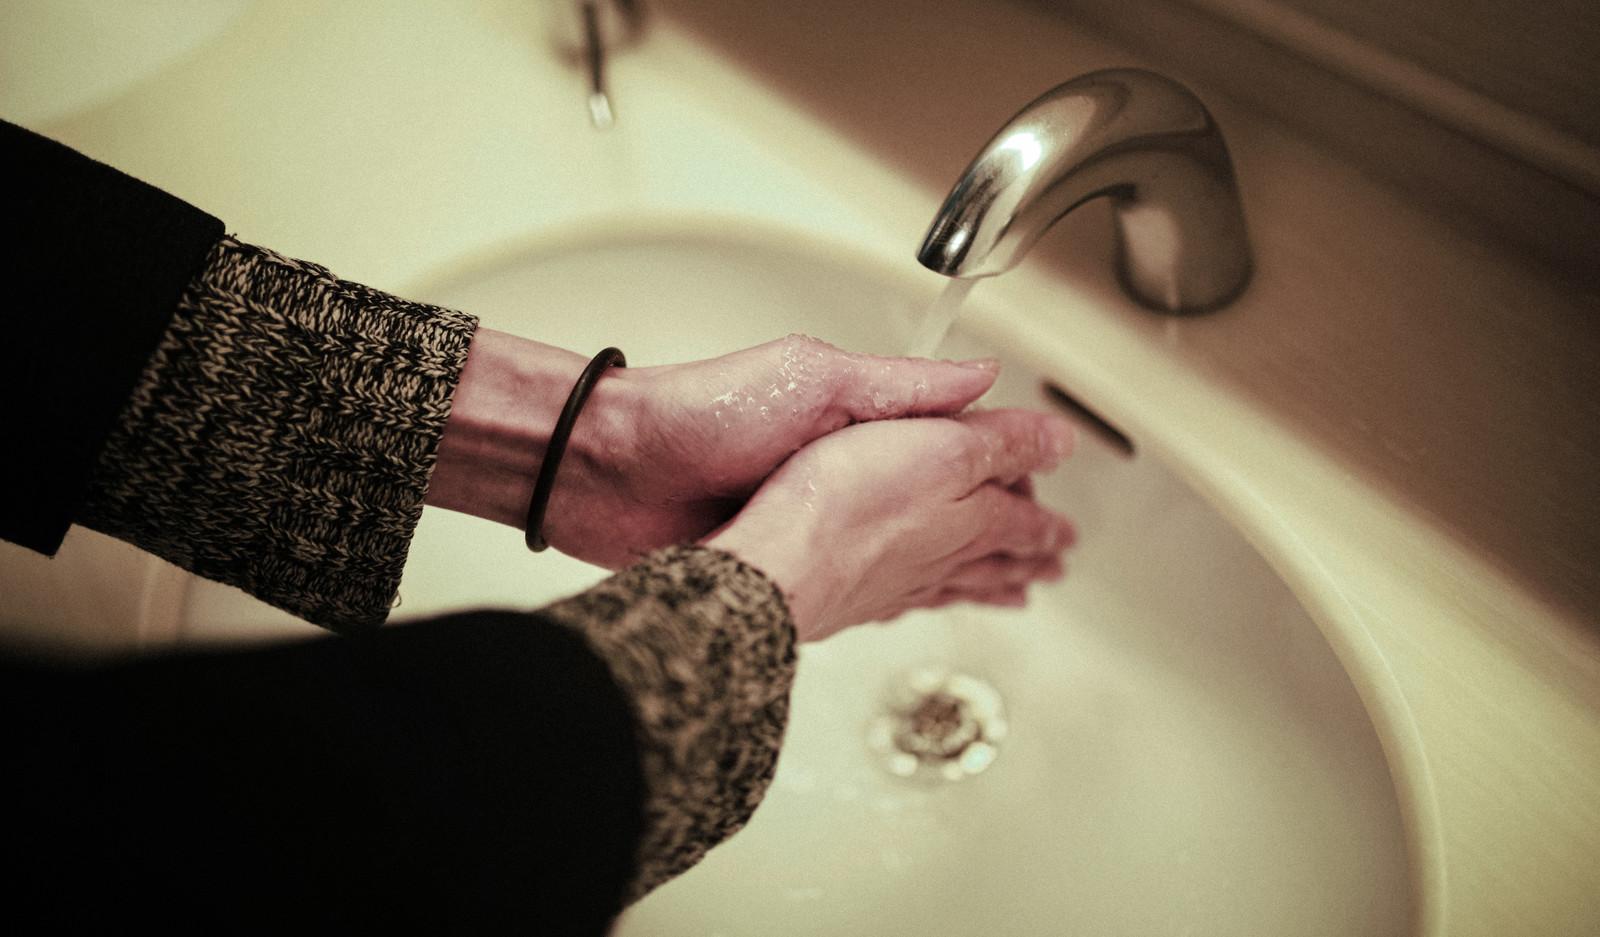 【タヌキによる被害⑥】菌やウイルスなどによる感炎症や病気、健康被害